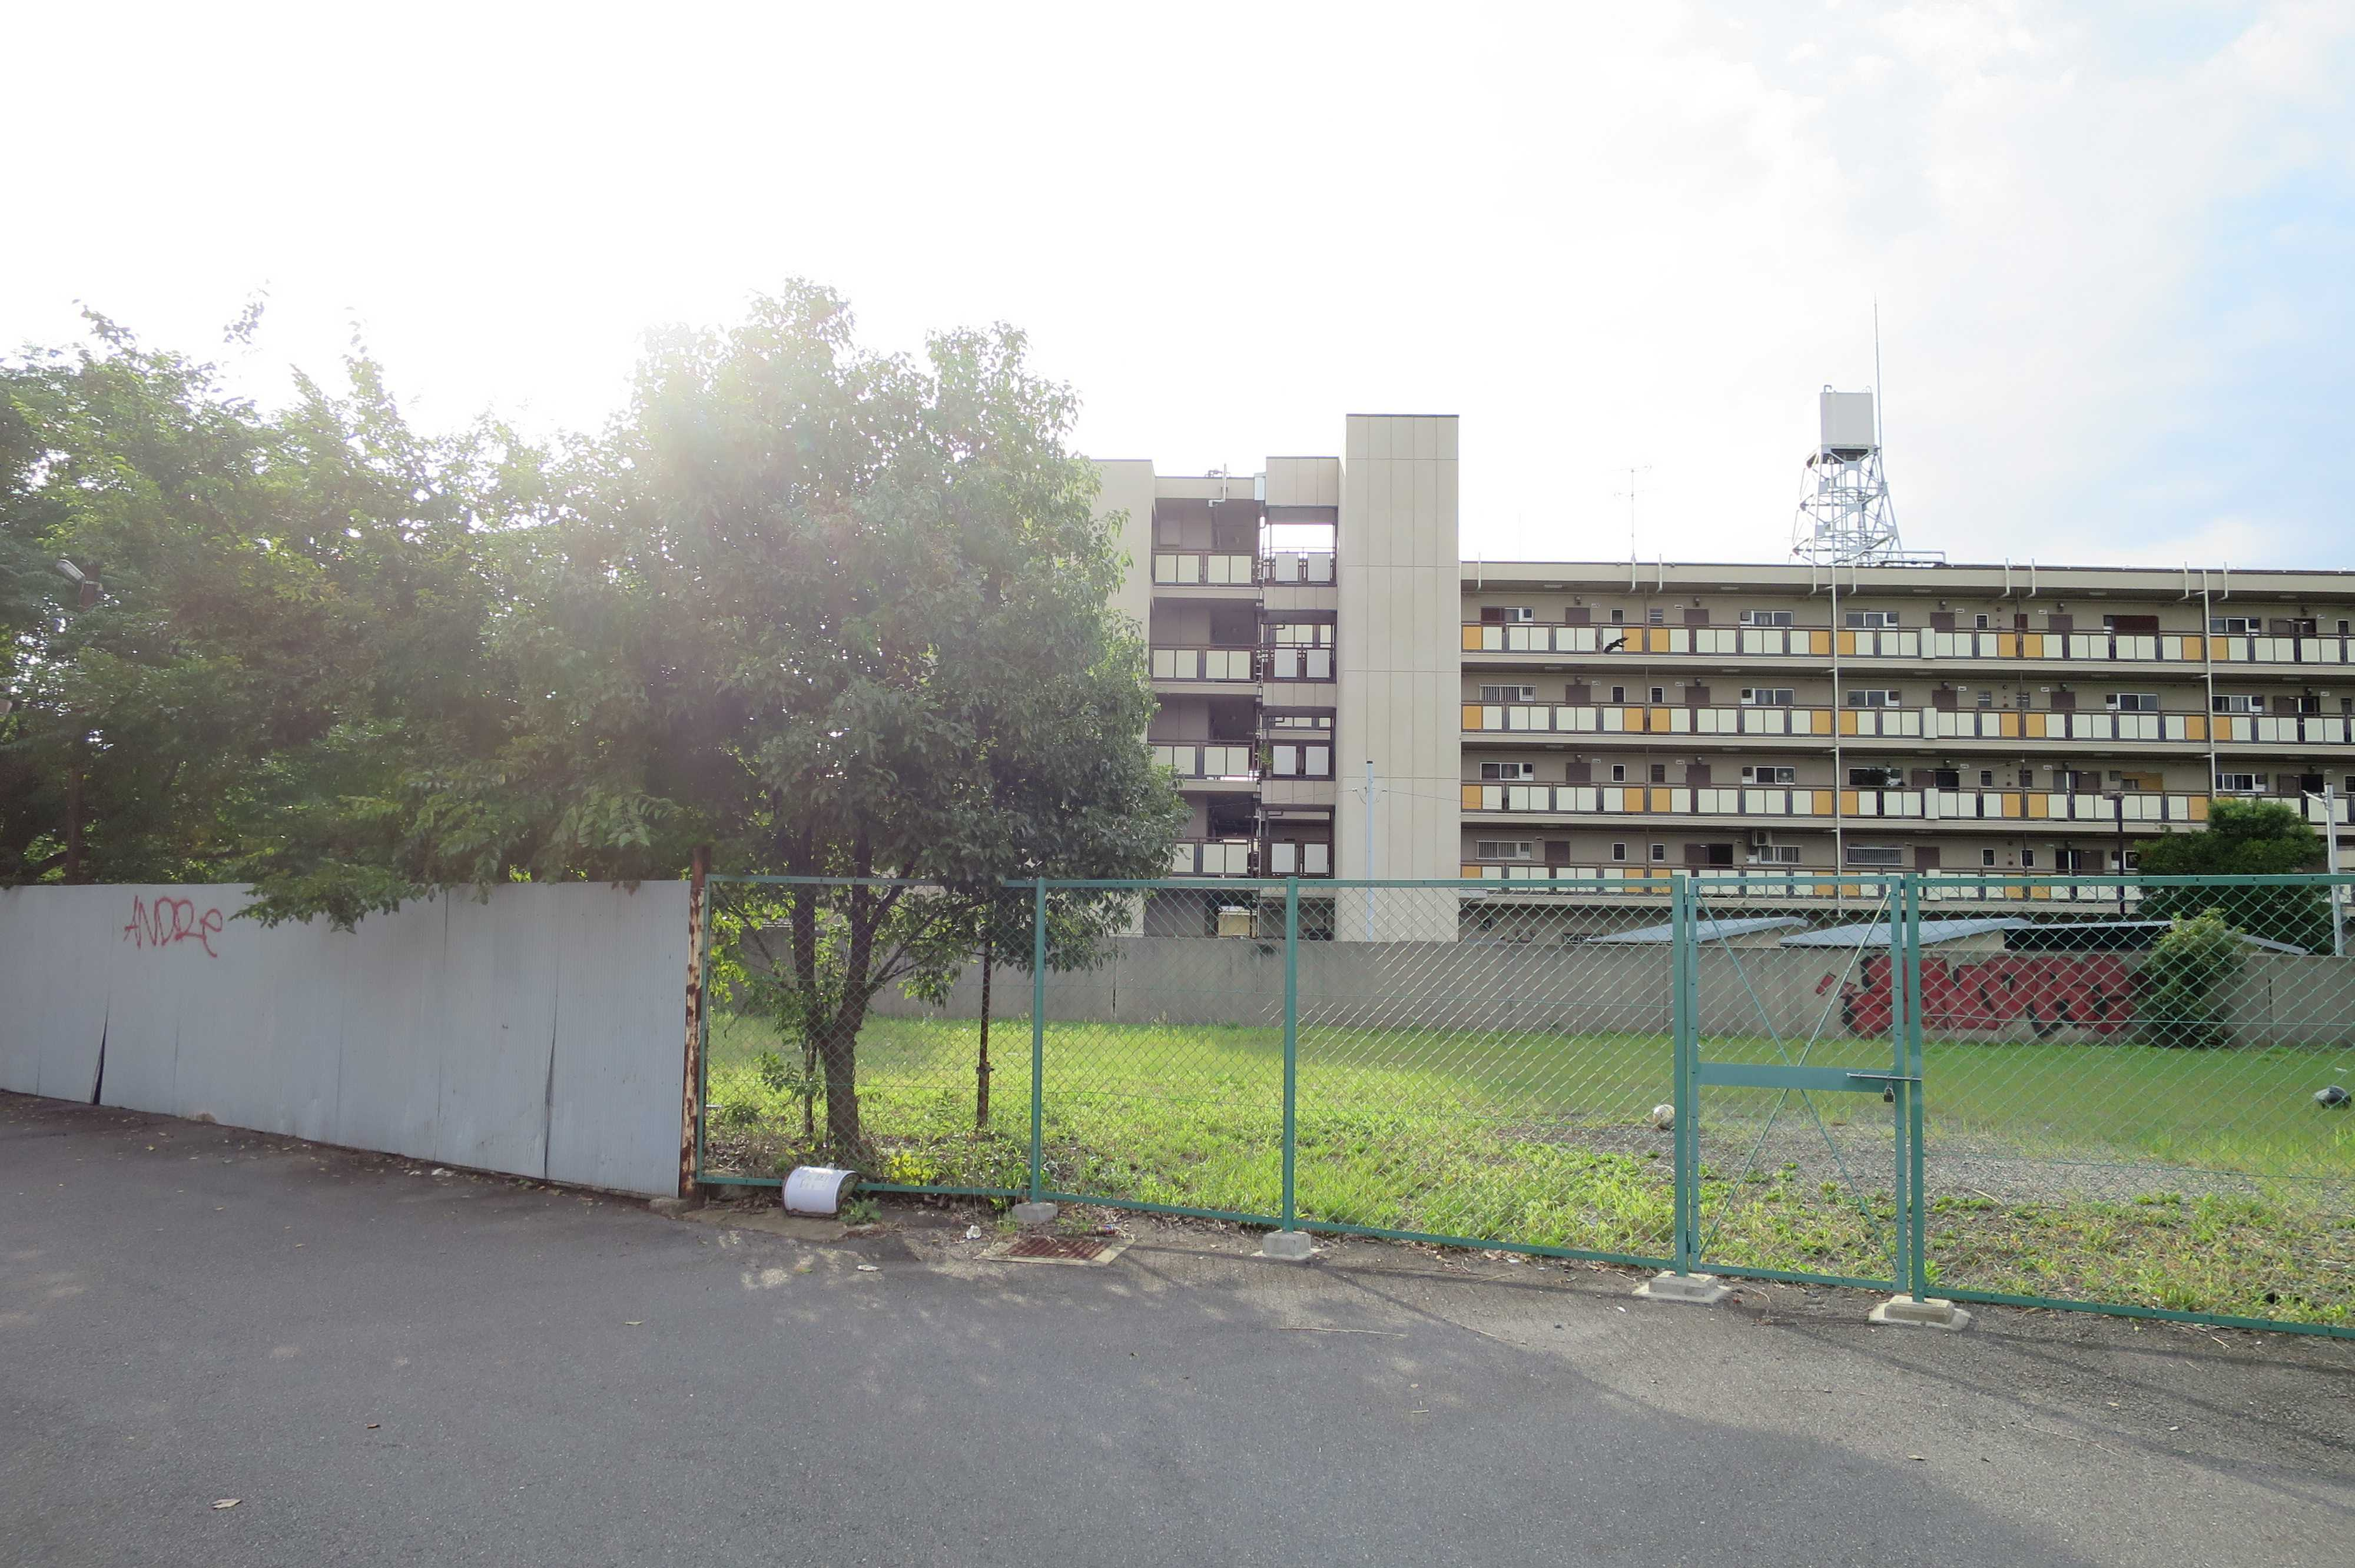 京都・崇仁地区 - 金網に囲まれた空き地と市営住宅